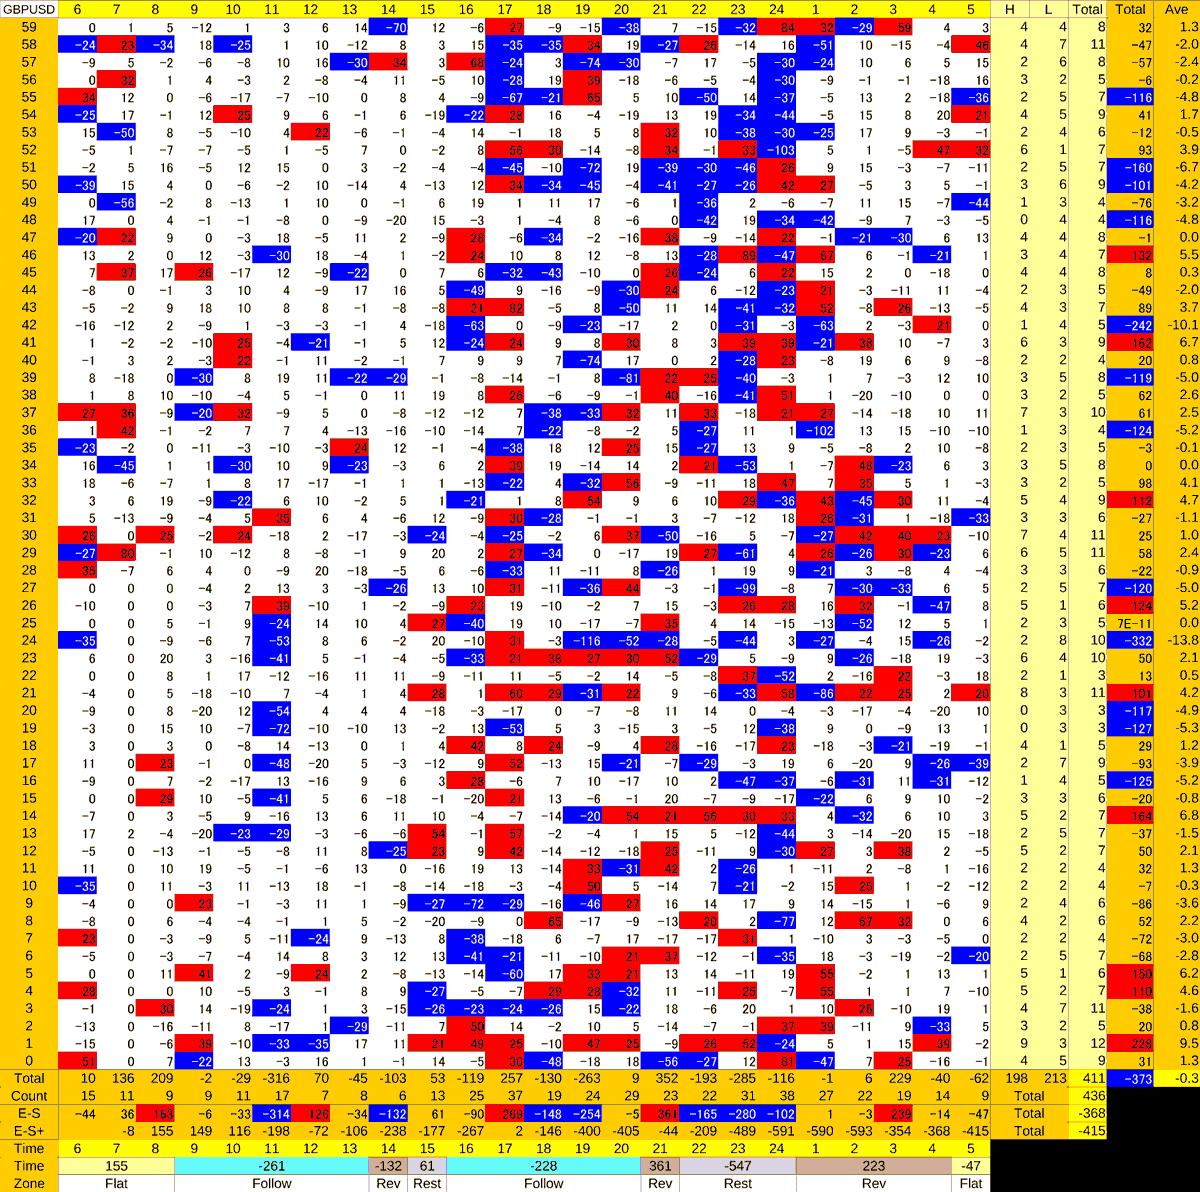 20210107_HS(2)GBPUSD